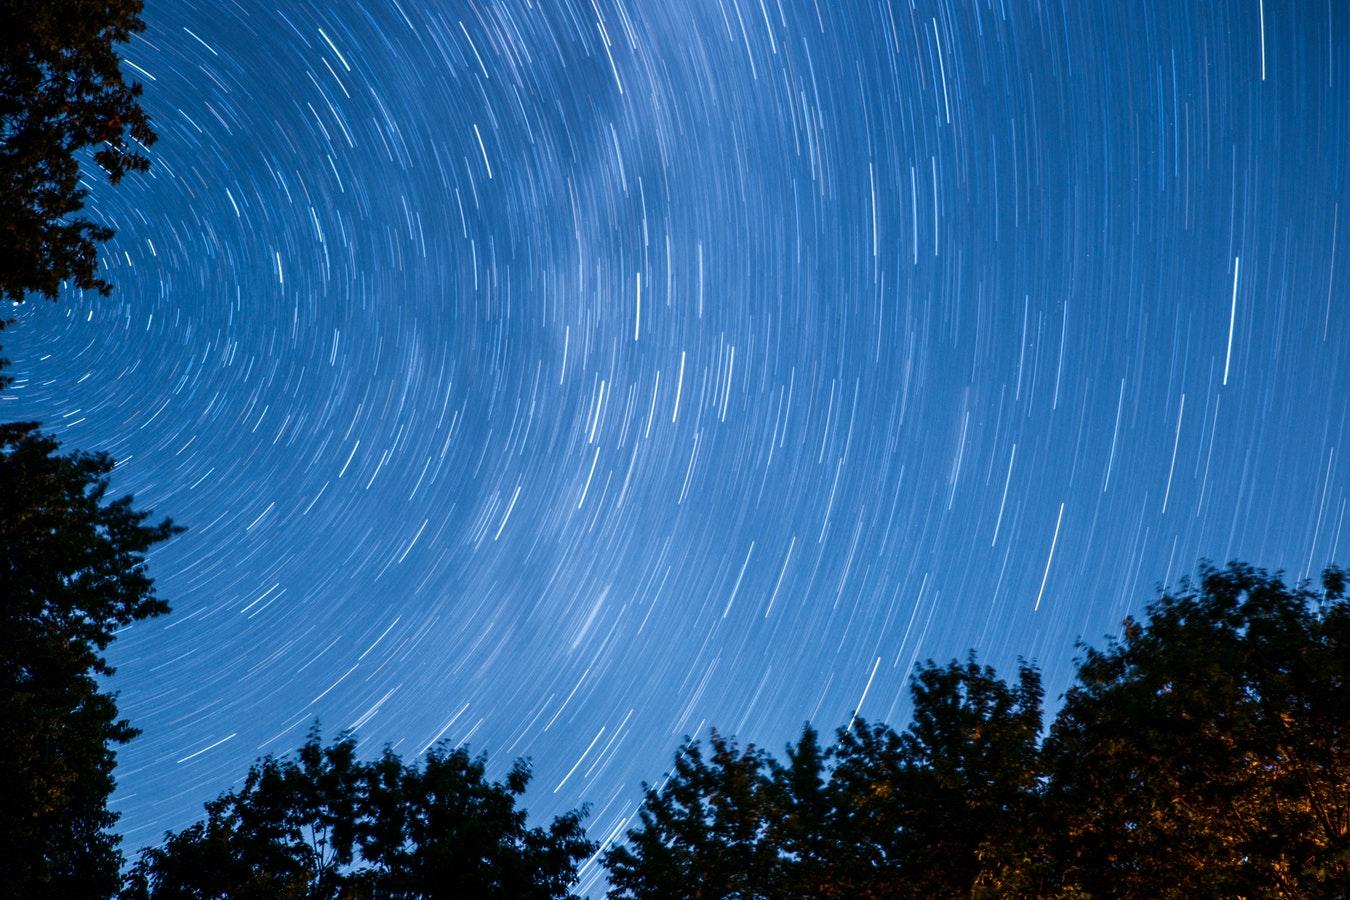 Anul 2019 din perspectiva astronomică şi astrologică, ploaie de meteoriti